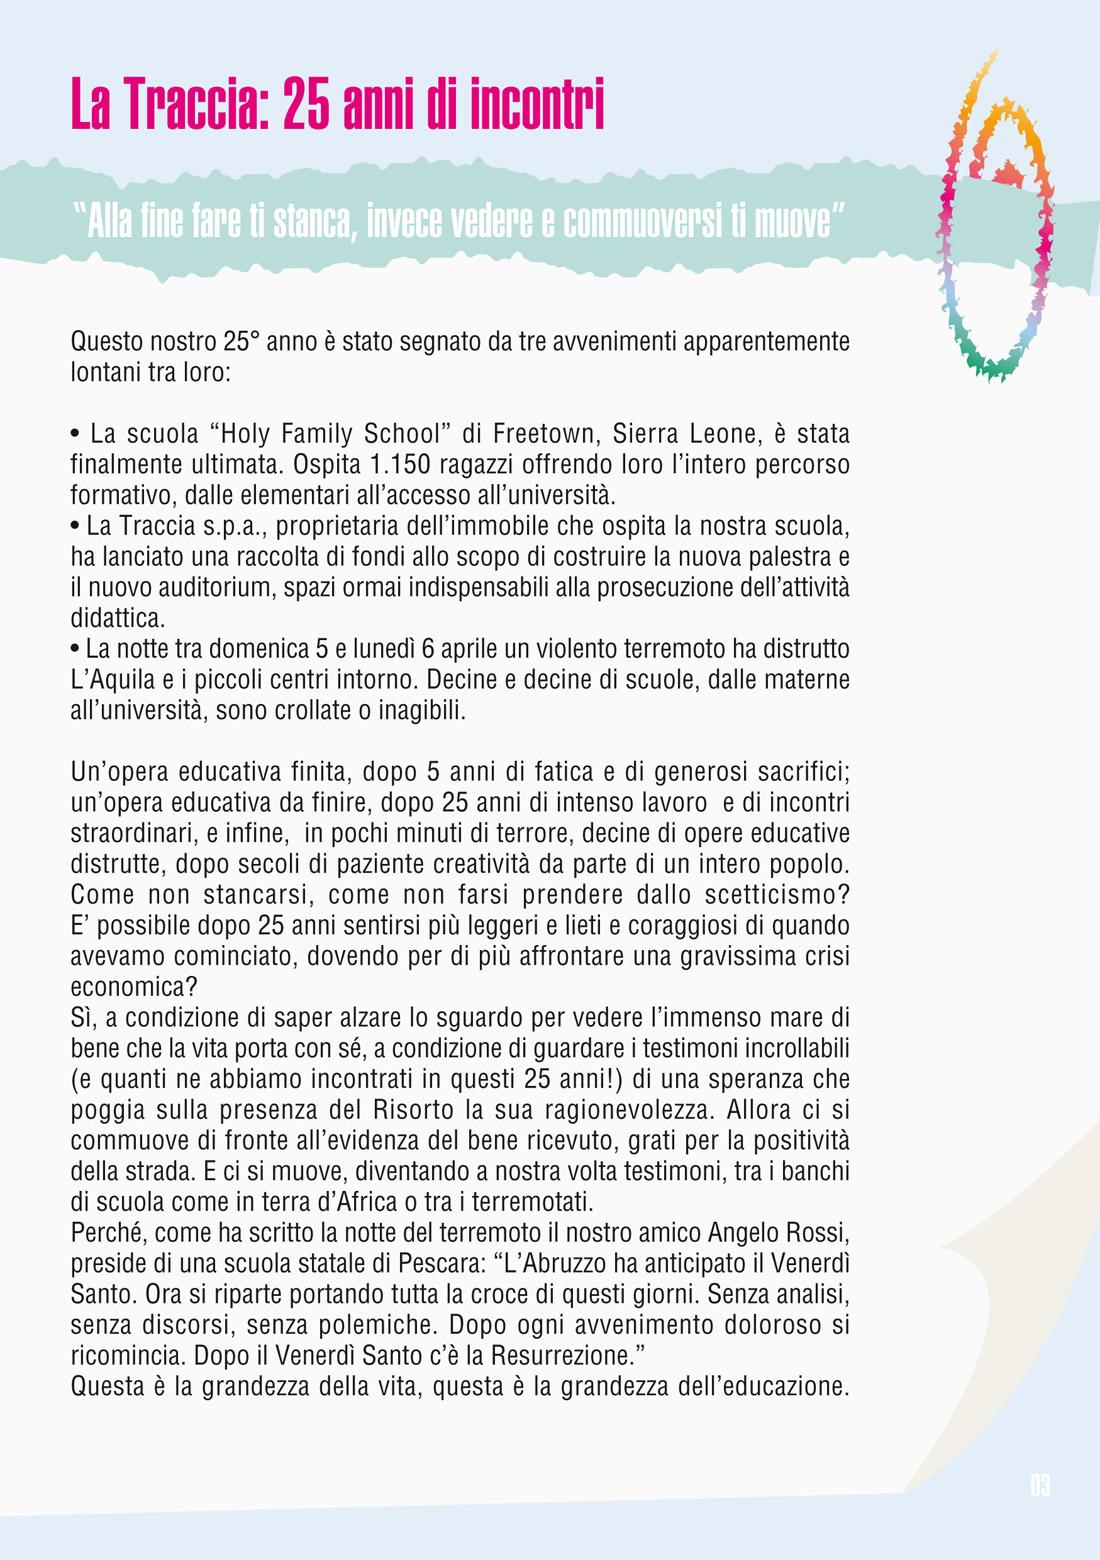 Pagine-da-FestaTraccia2009DepliantCompleto